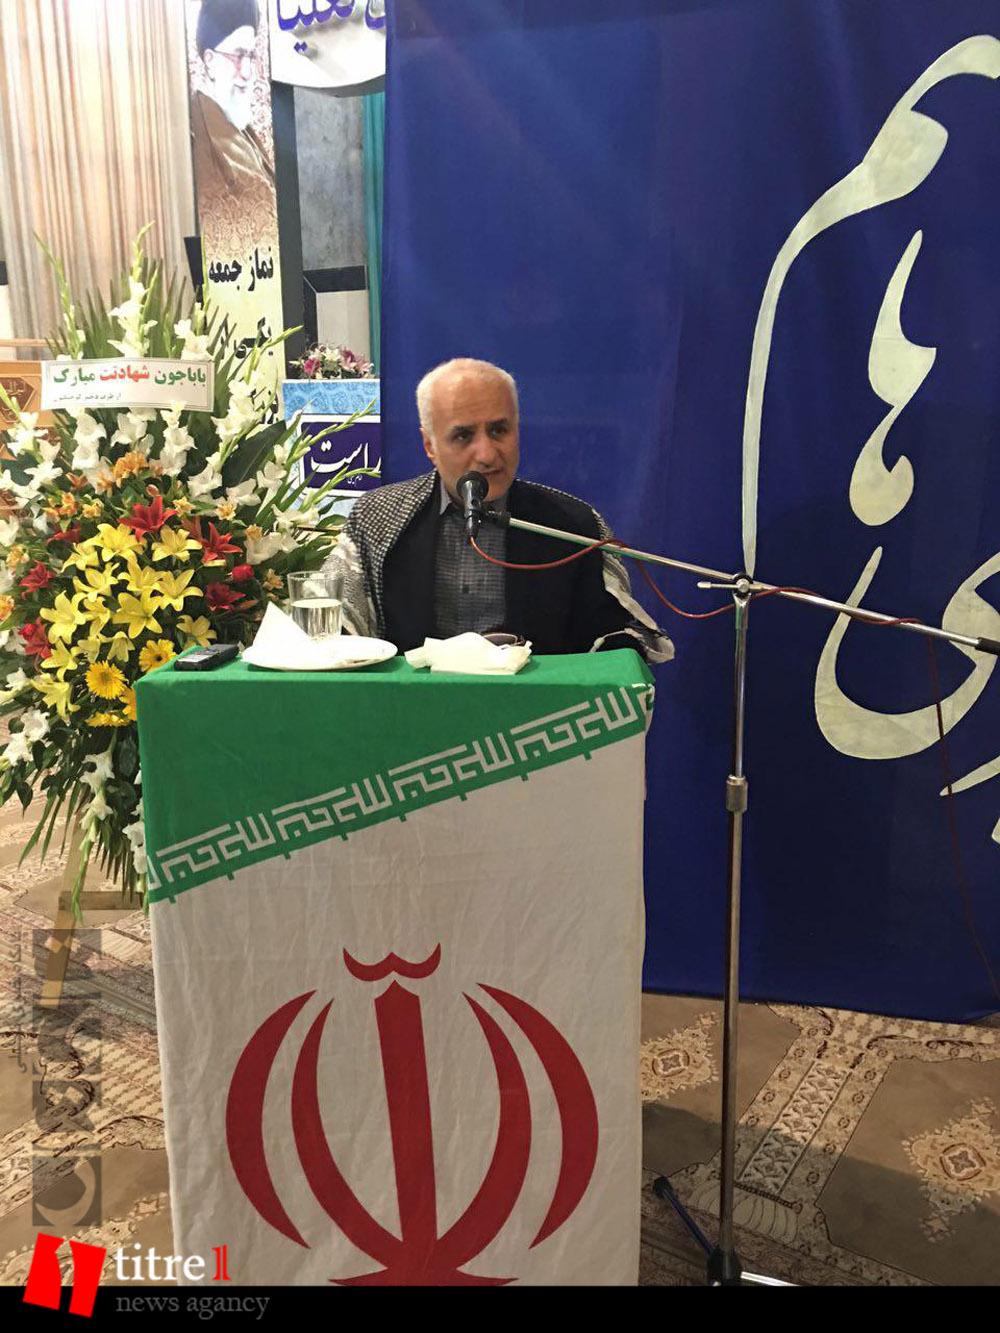 335233 651 نقل از عکسی؛ سخنرانی استاد حسن عباسی در مراسم اولین سالگرد شهید مدافع حرم حاج سعید قارلقی